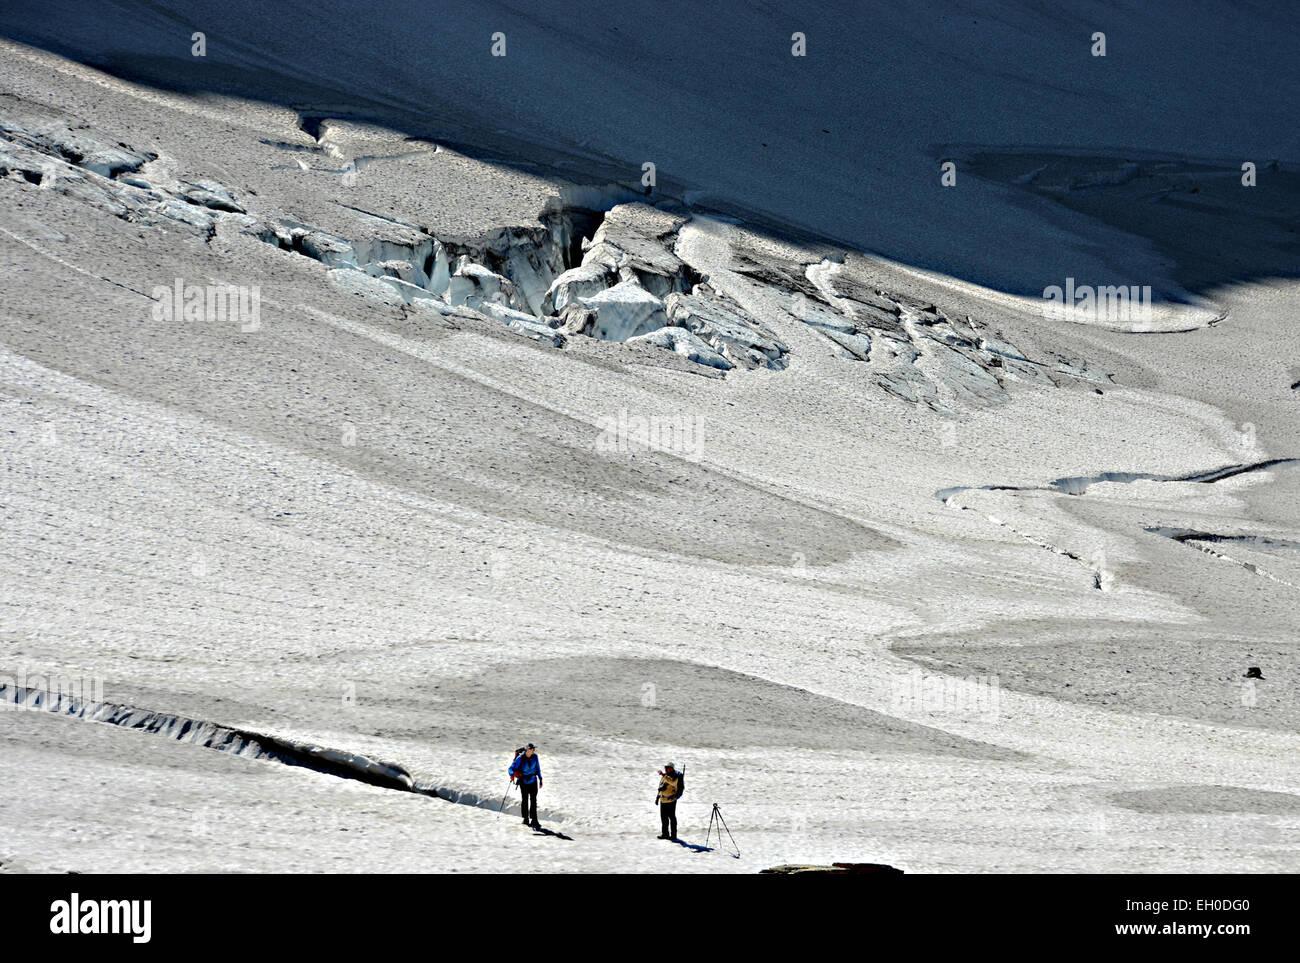 Grinnell Glacier in Glacier National Park. - Stock Image